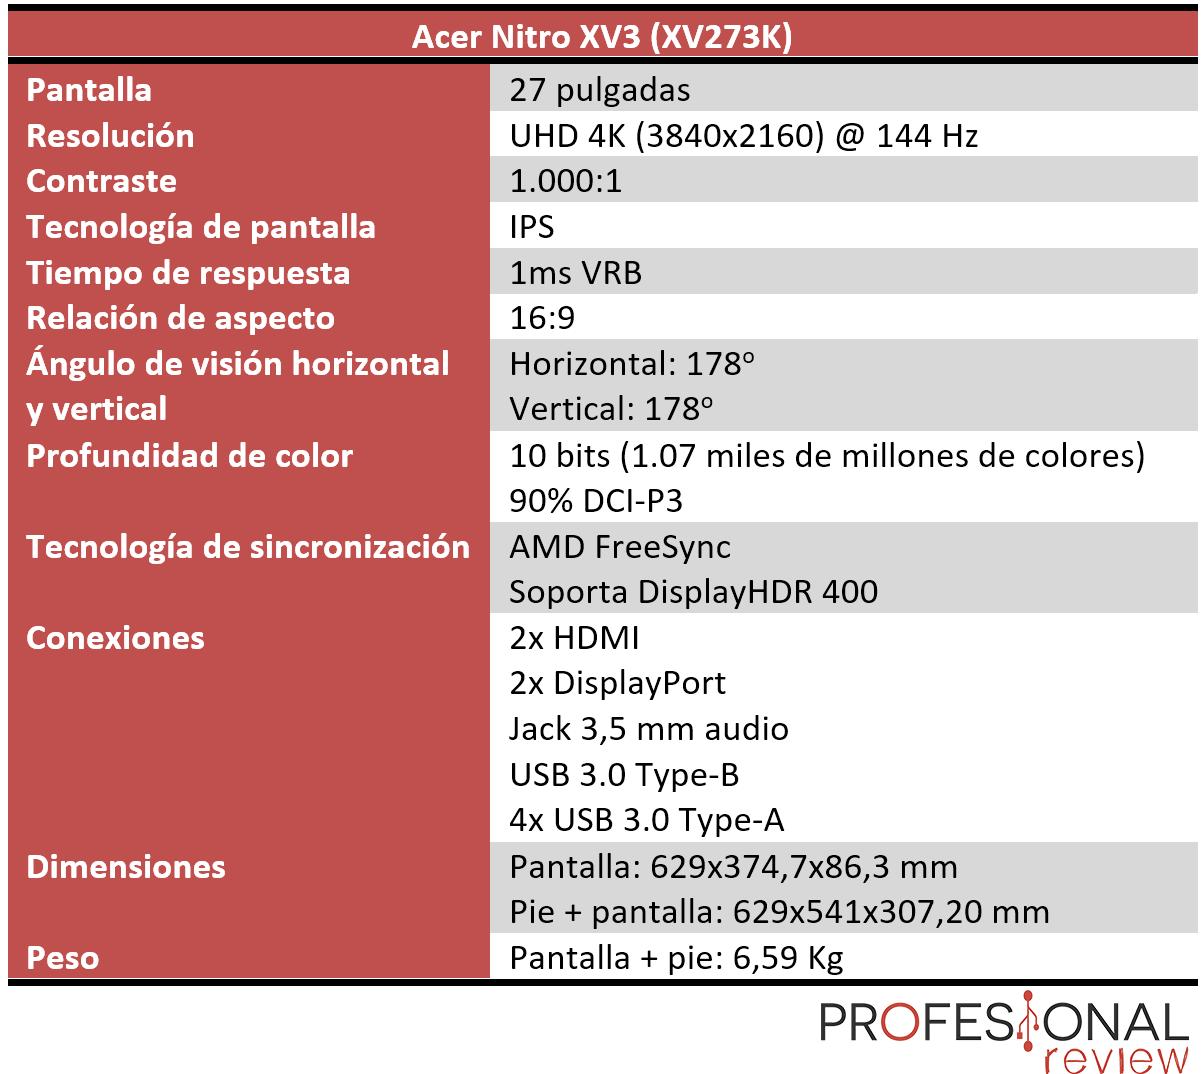 Acer Nitro XV3 Características